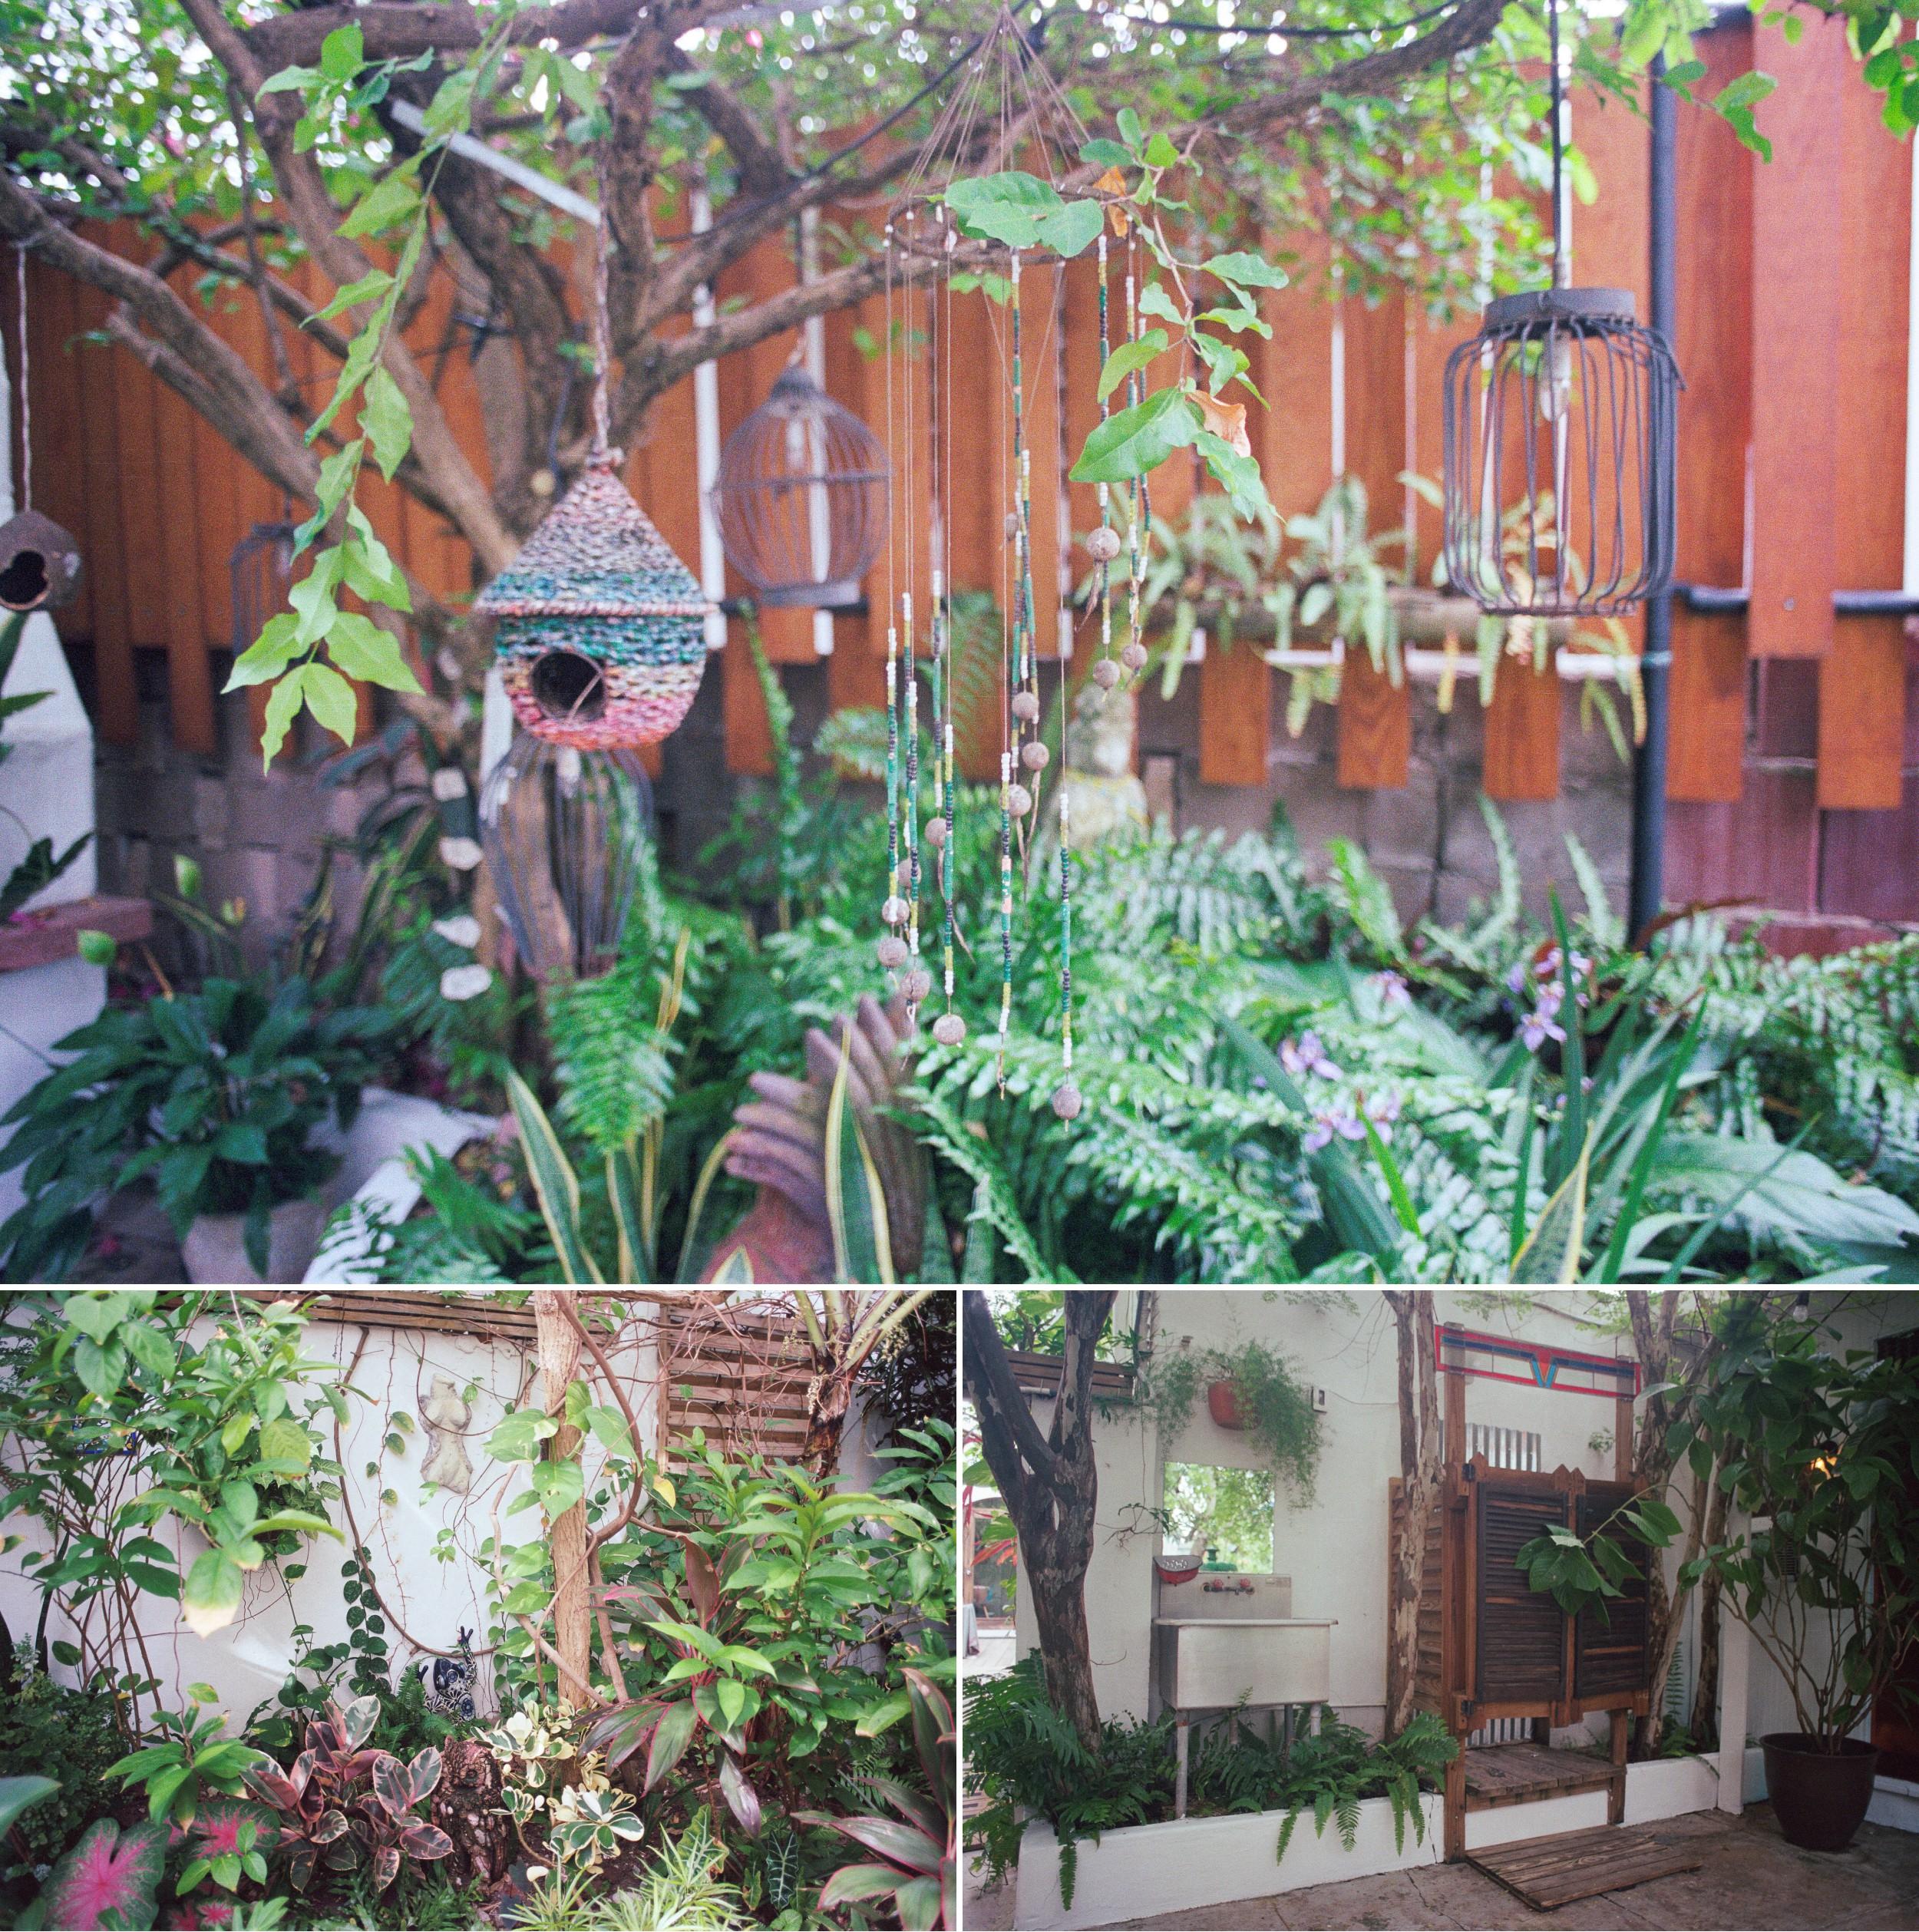 Lush Greens Dreamcatcher Inn